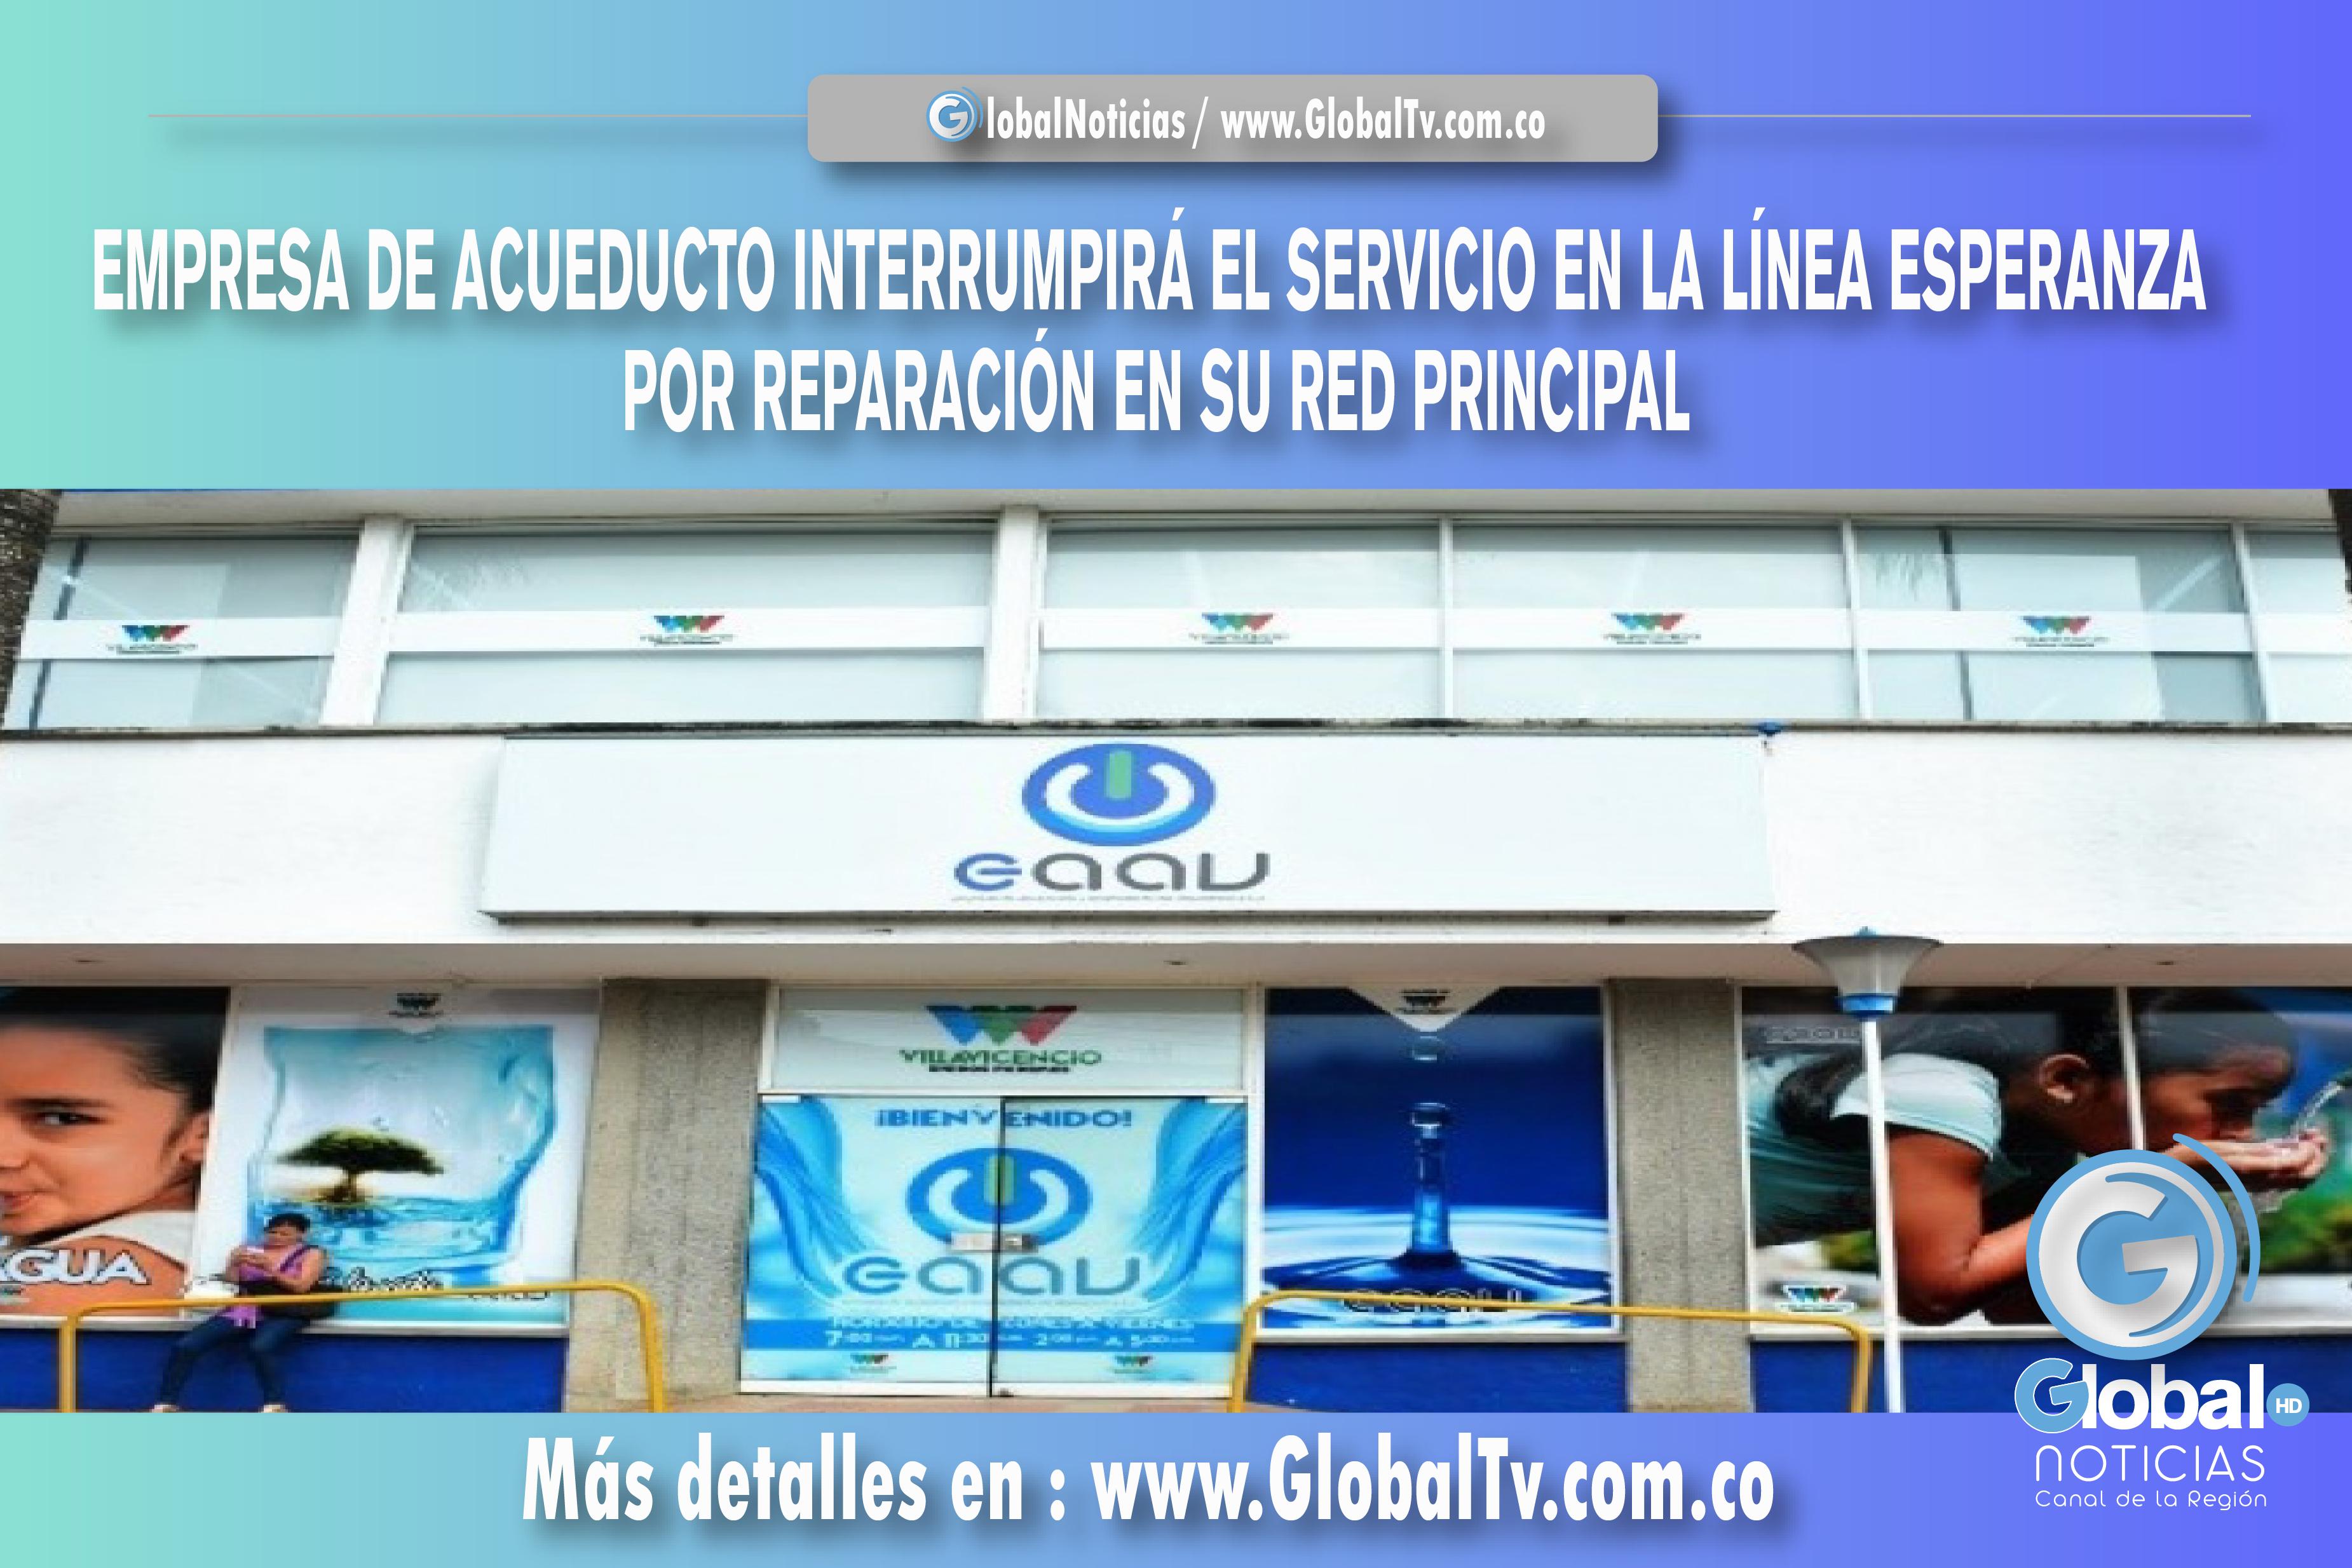 EMPRESA DE ACUEDUCTO INTERRUMPIRÁ EL SERVICIO EN LA LÍNEA ESPERANZA POR REPARACIÓN EN SU RED PRINCIPAL